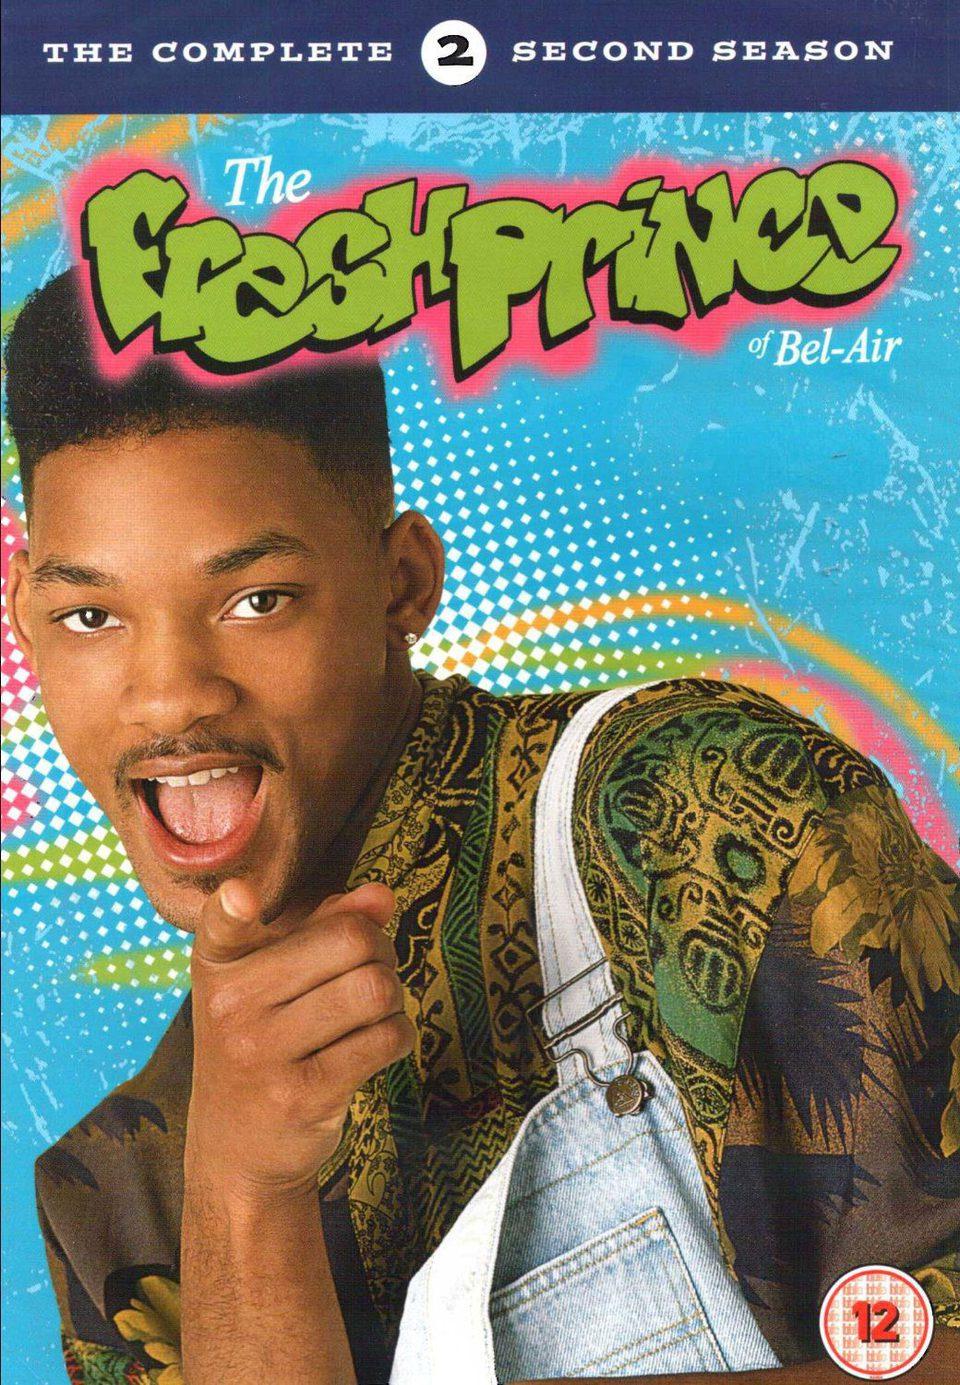 Cartel Temporada 2 de 'El príncipe de Bel-Air'